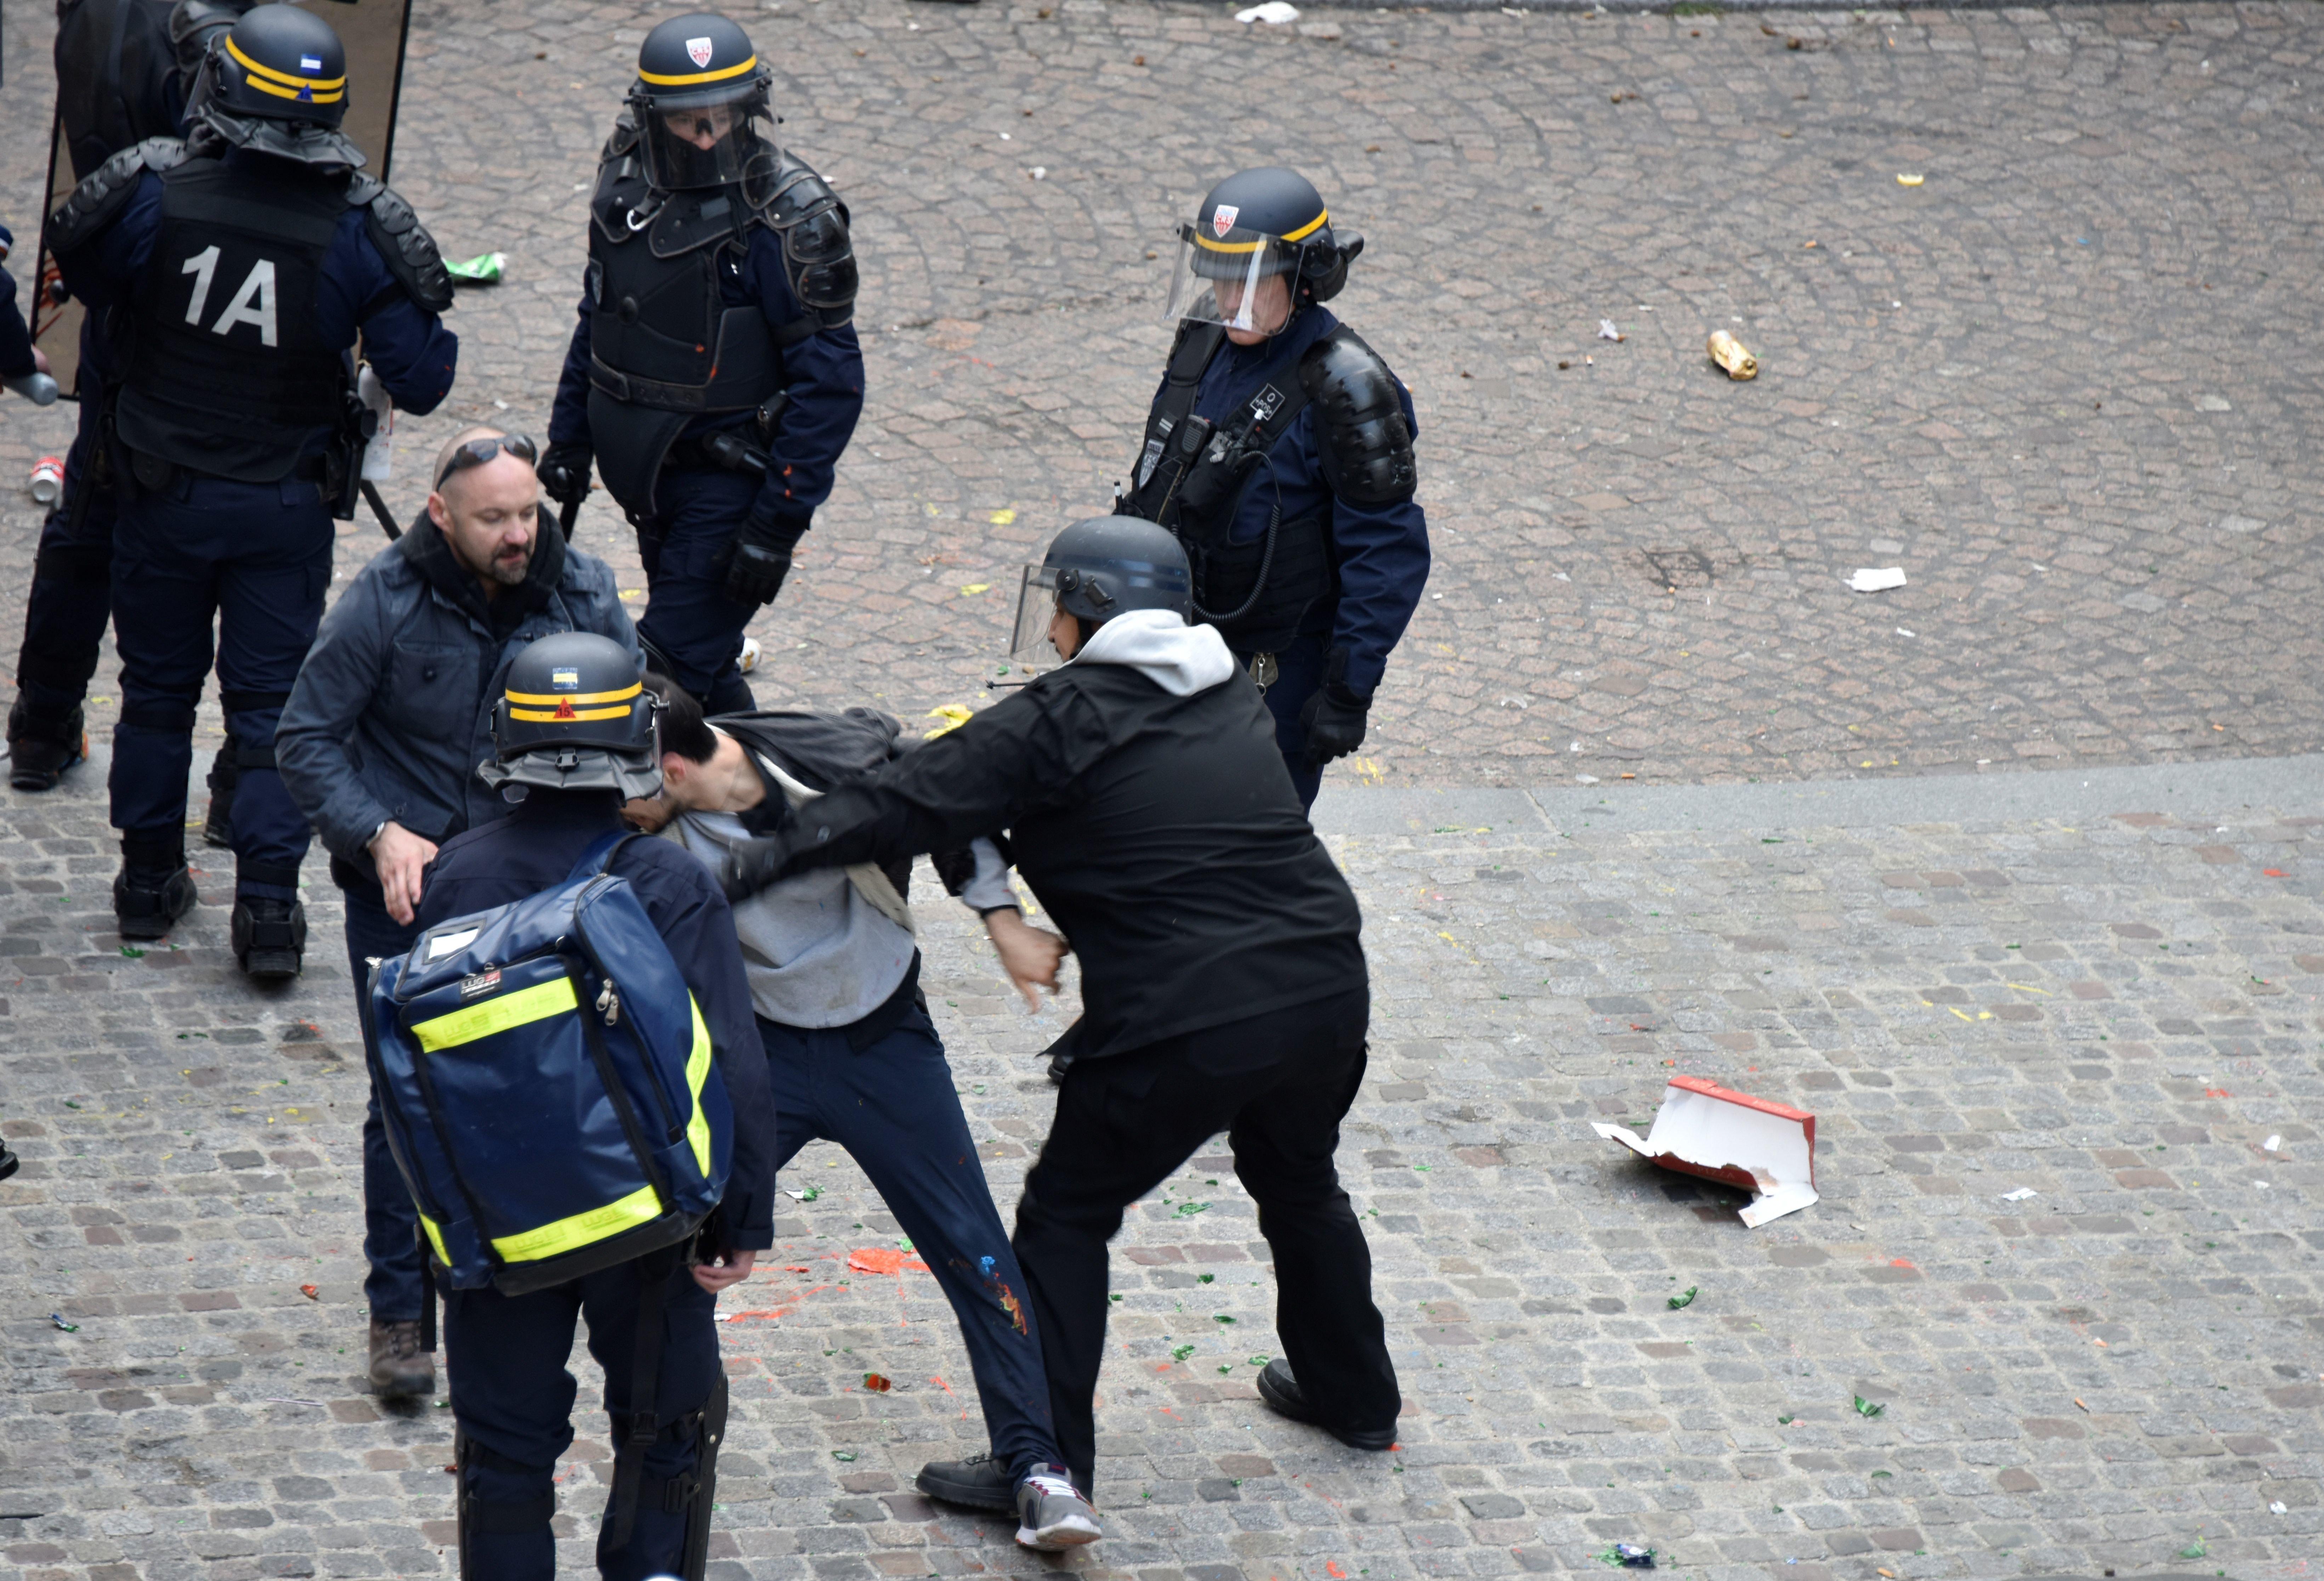 Γαλλία: Απαγγέλθηκαν επίσημα κατηγορίες σε βάρος του Μπεναλά, πρώην στενού συνεργάτη του